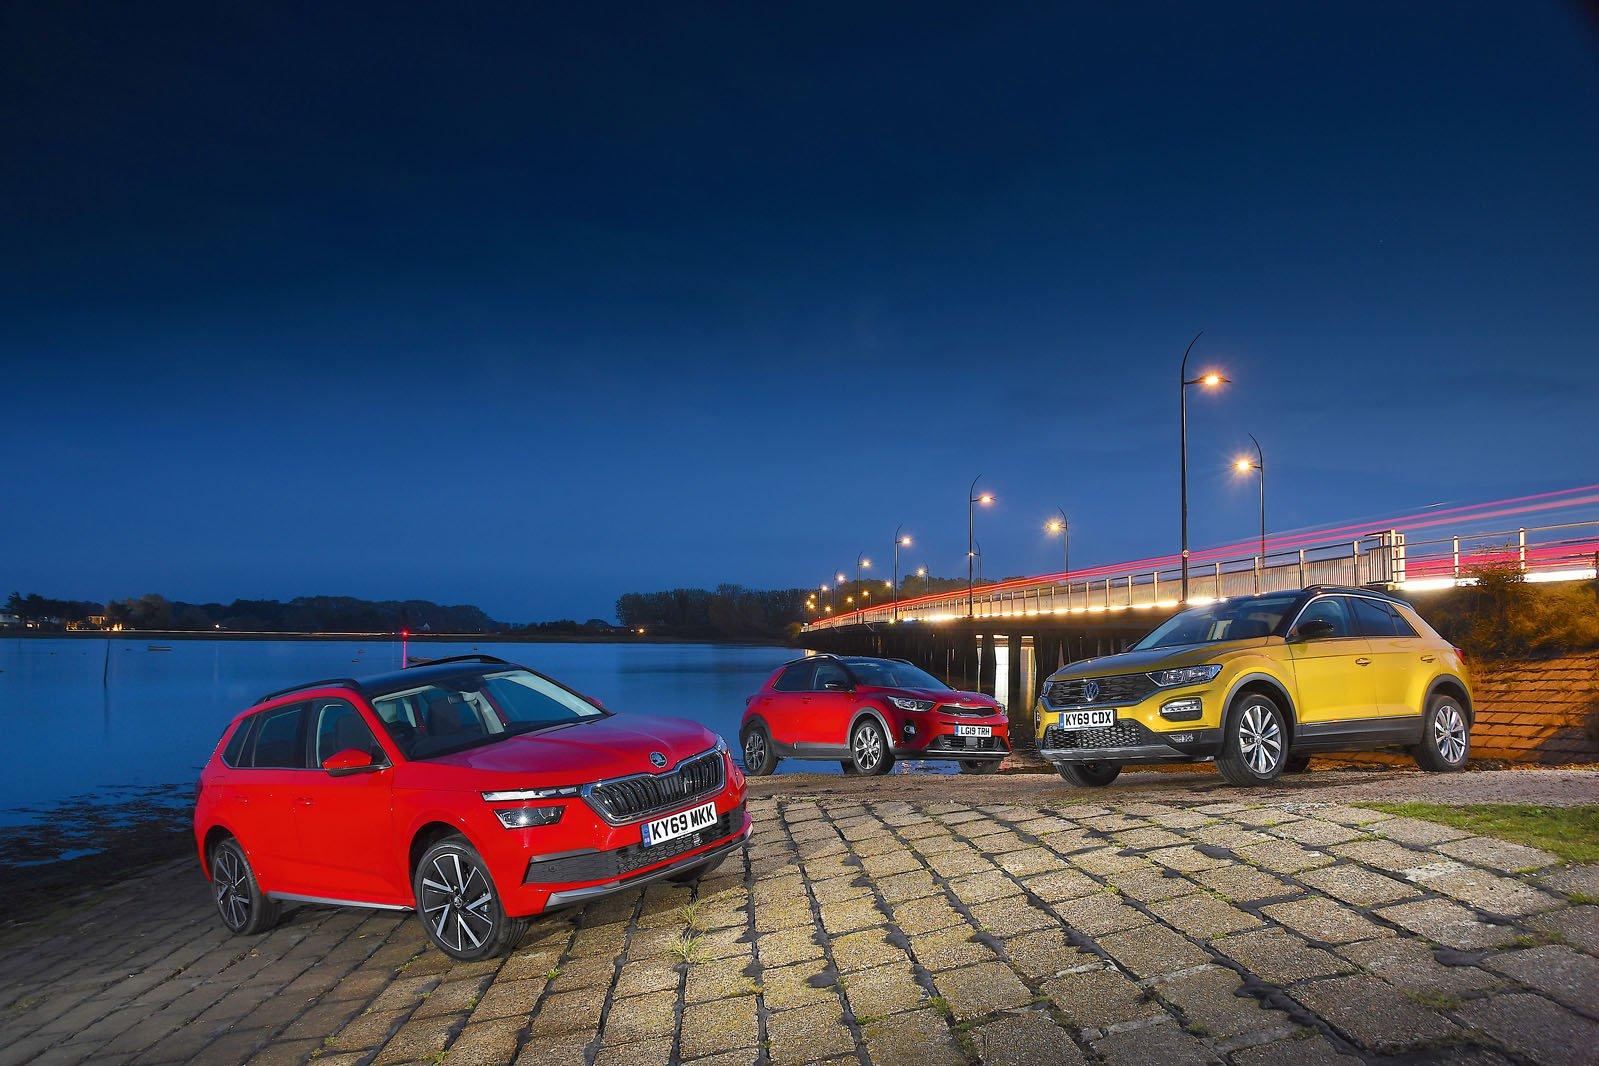 Skoda Kamiq vs Kia Stonic vs Volkswagen T-Roc